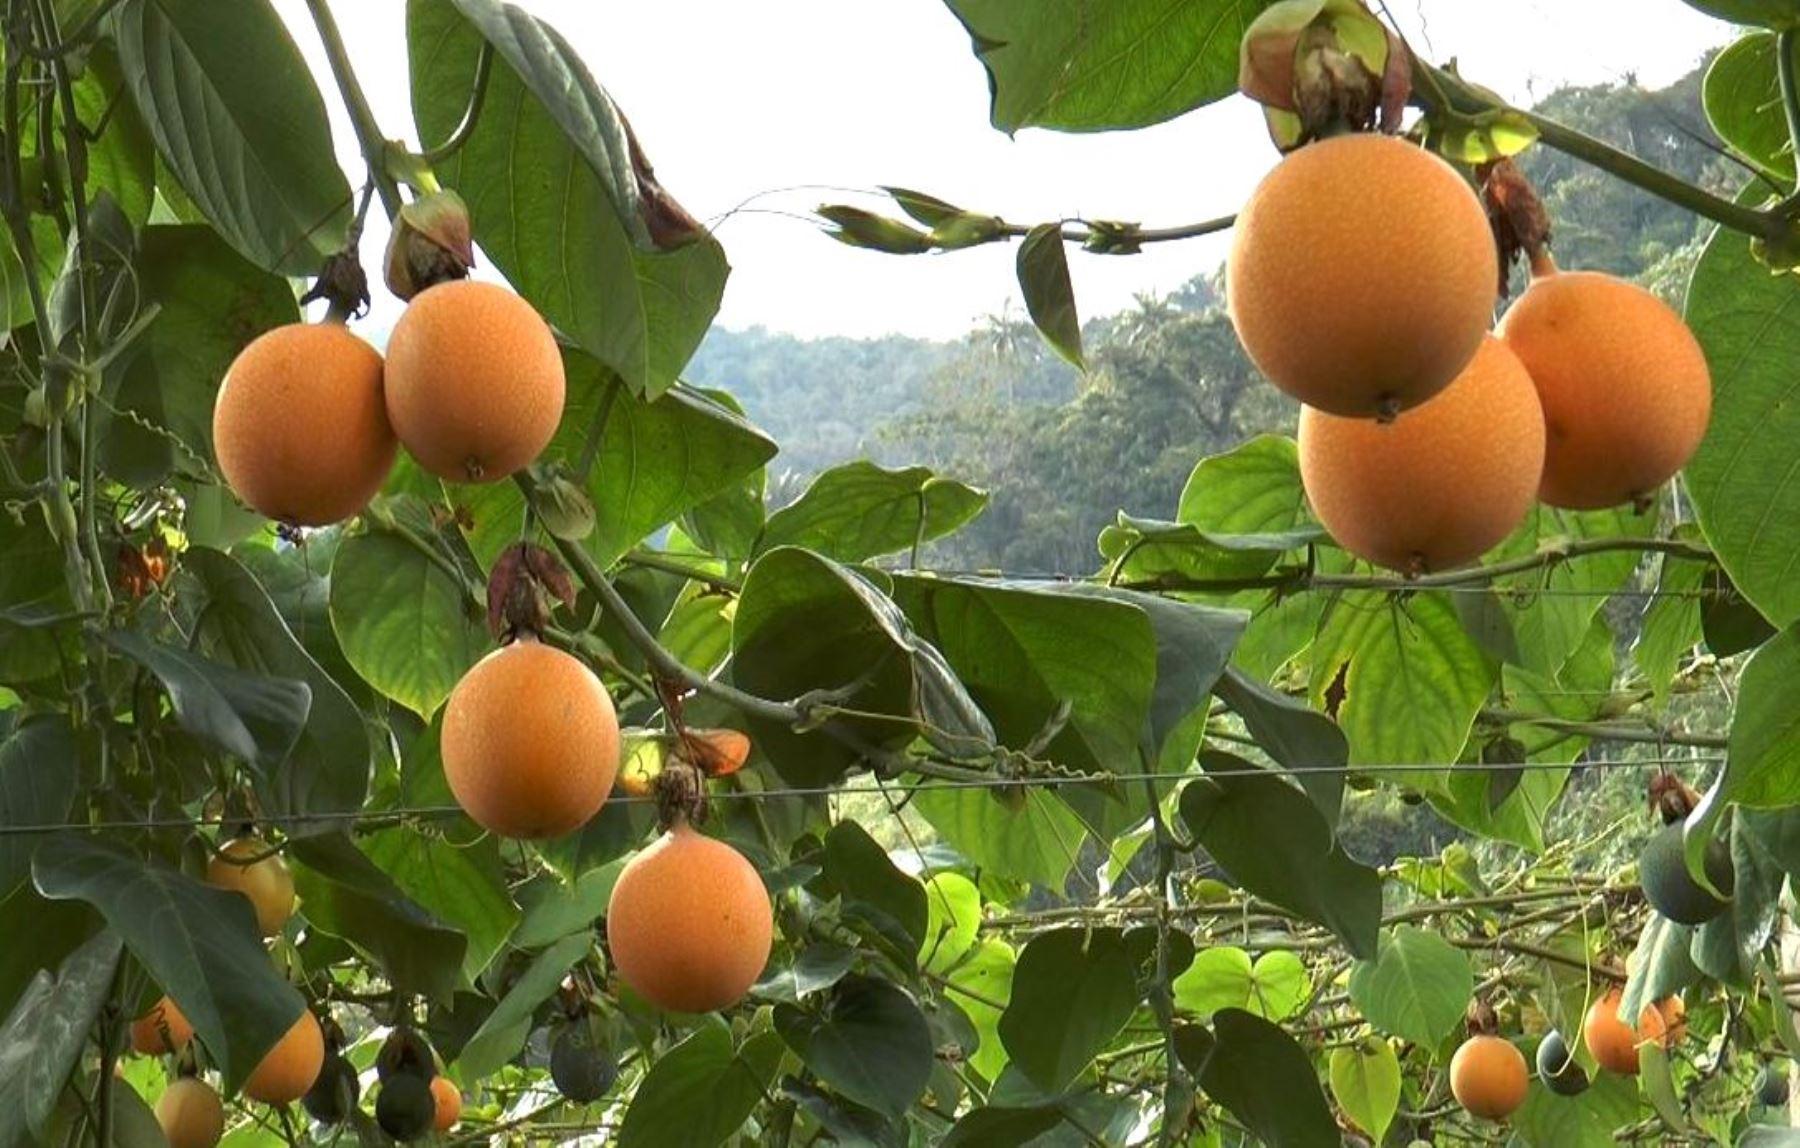 Sierra y Selva Exportadora impulsará seis cadenas productivas en Pasco